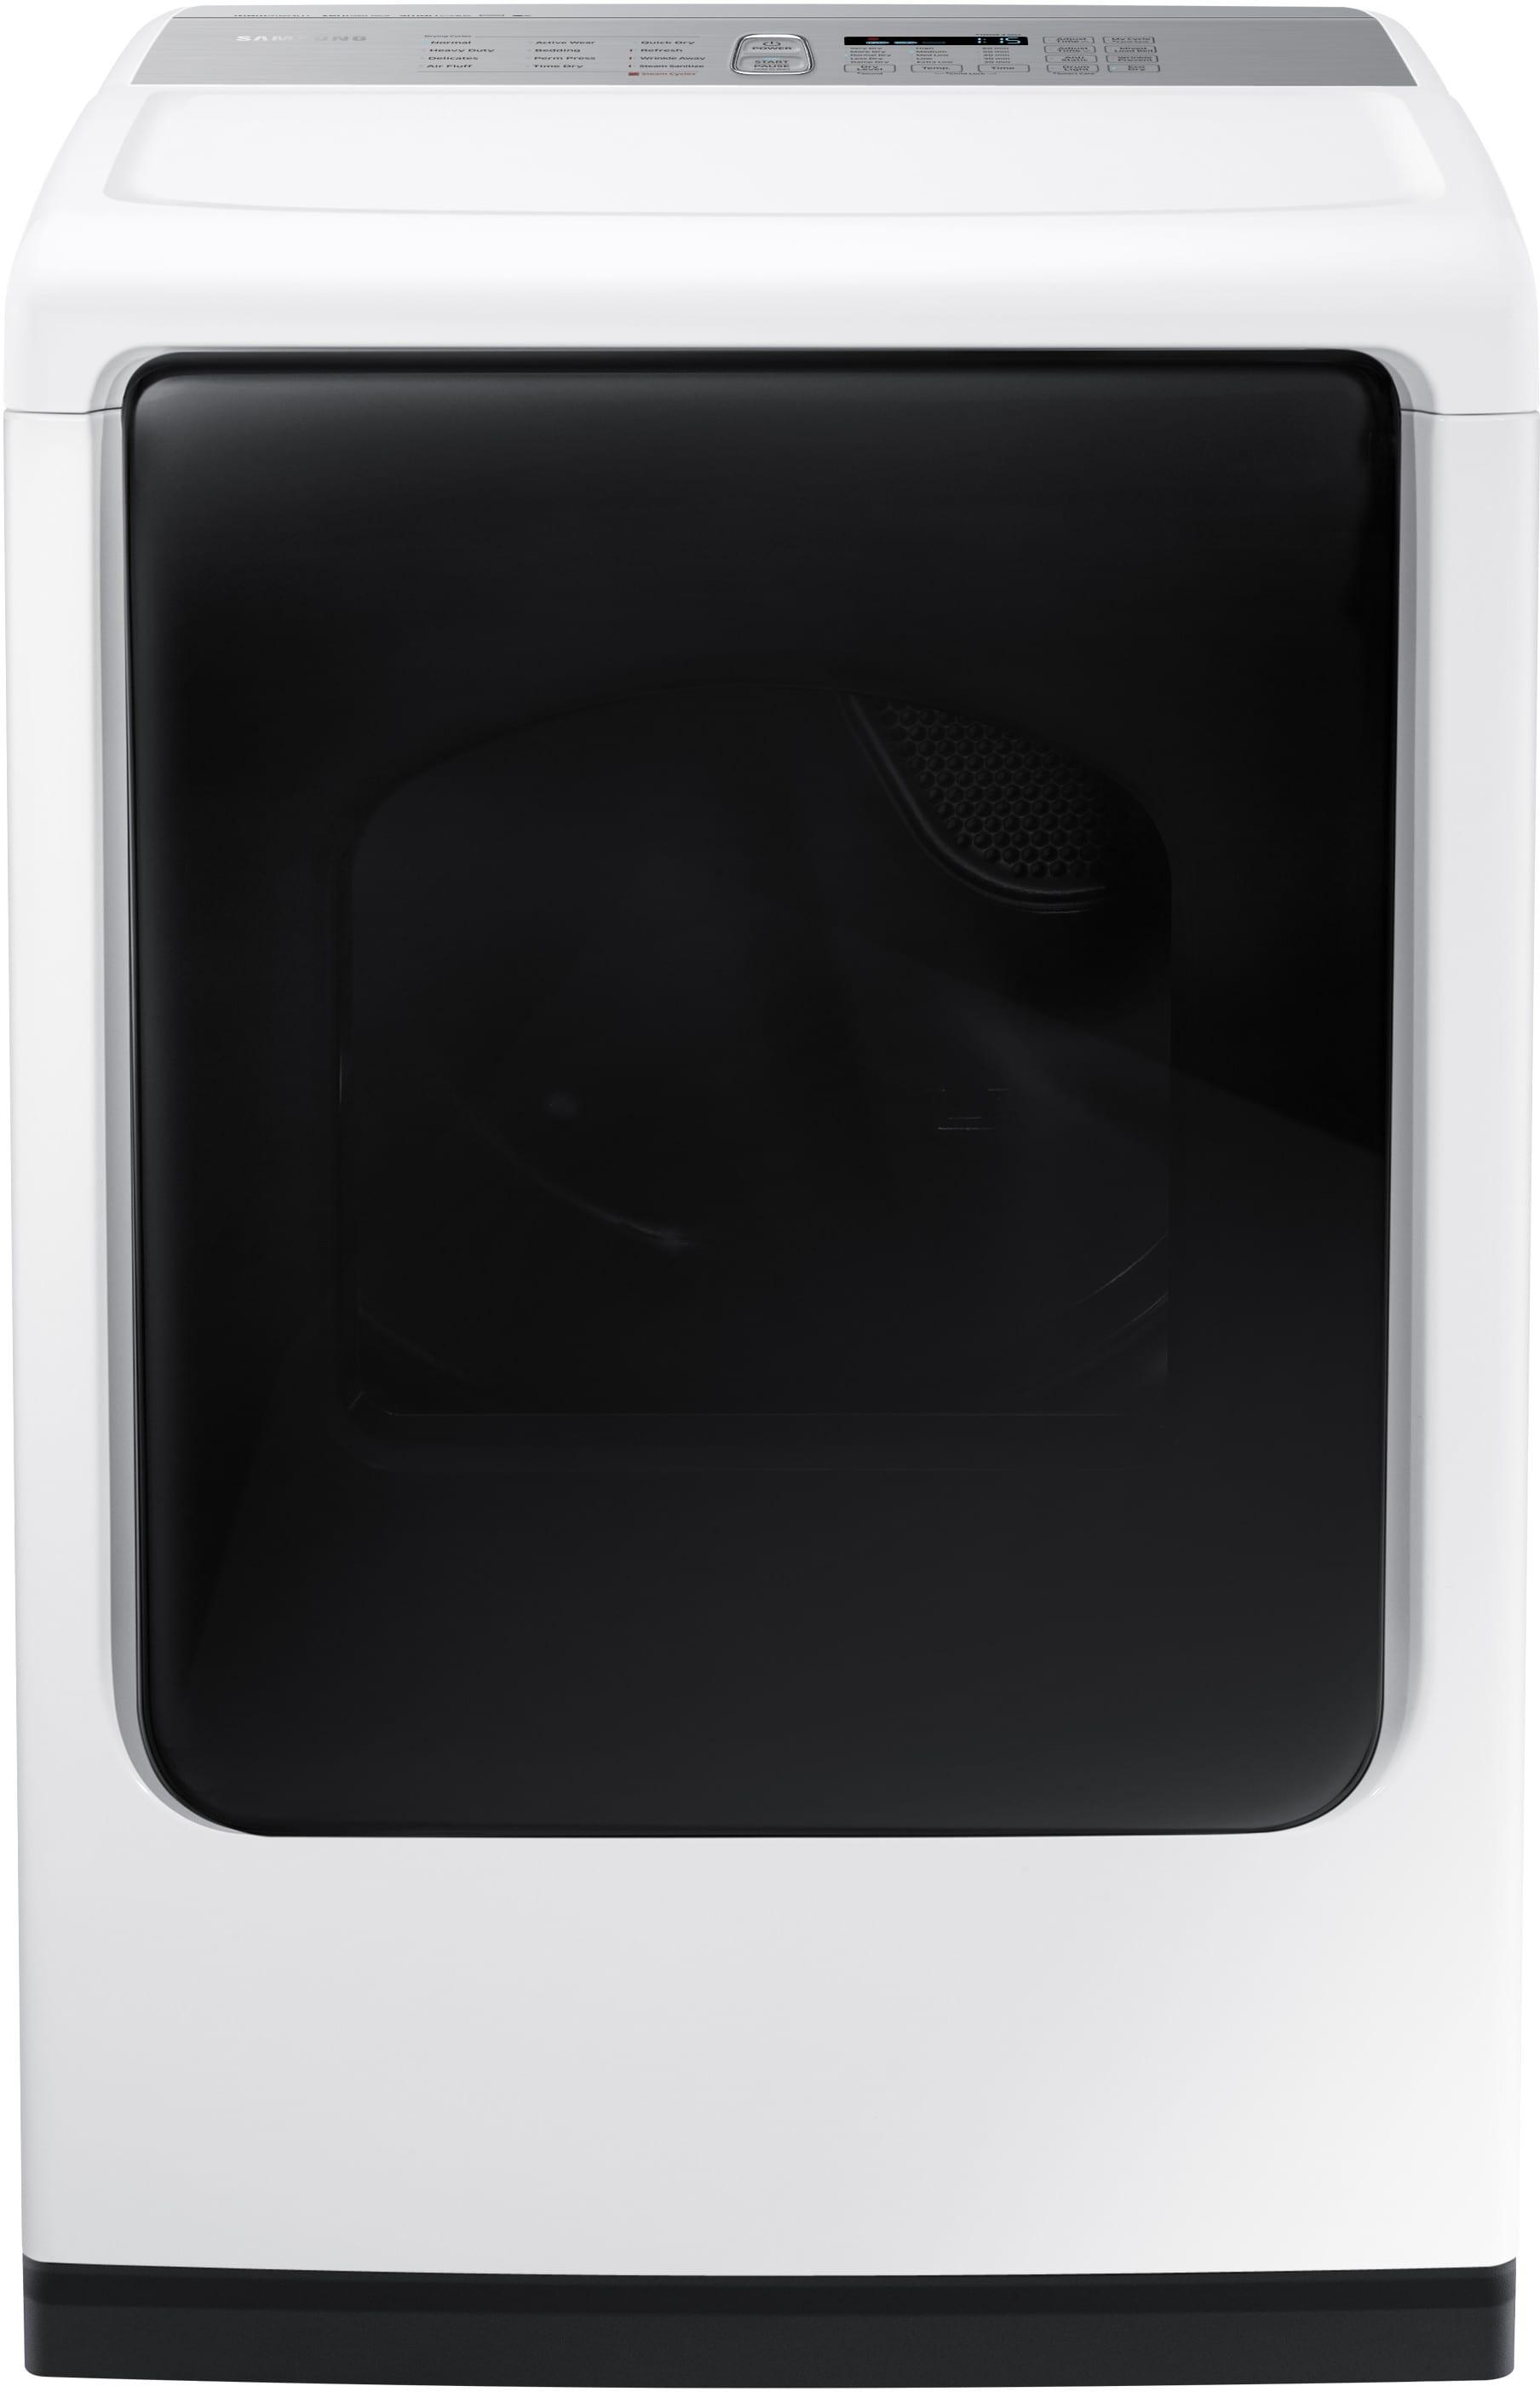 Samsung Dv50k8600gw 27 Inch 7 4 Cu Ft Gas Dryer With 12